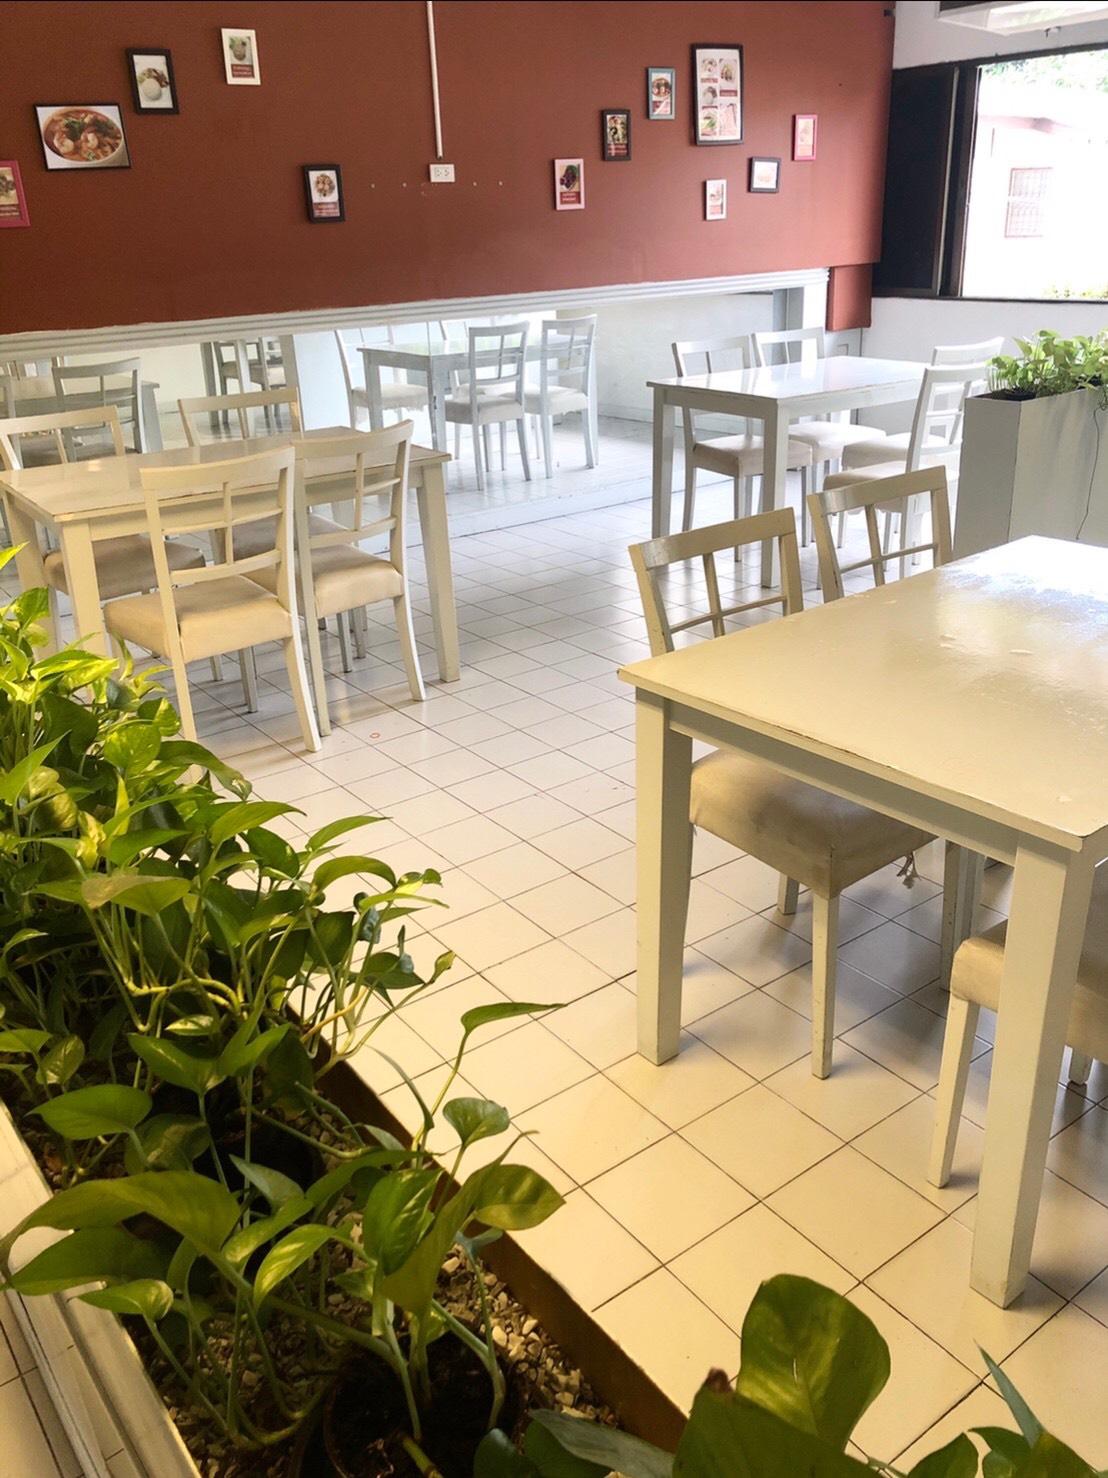 ภาพห้องอาหารร้านอาหารให้เช่า